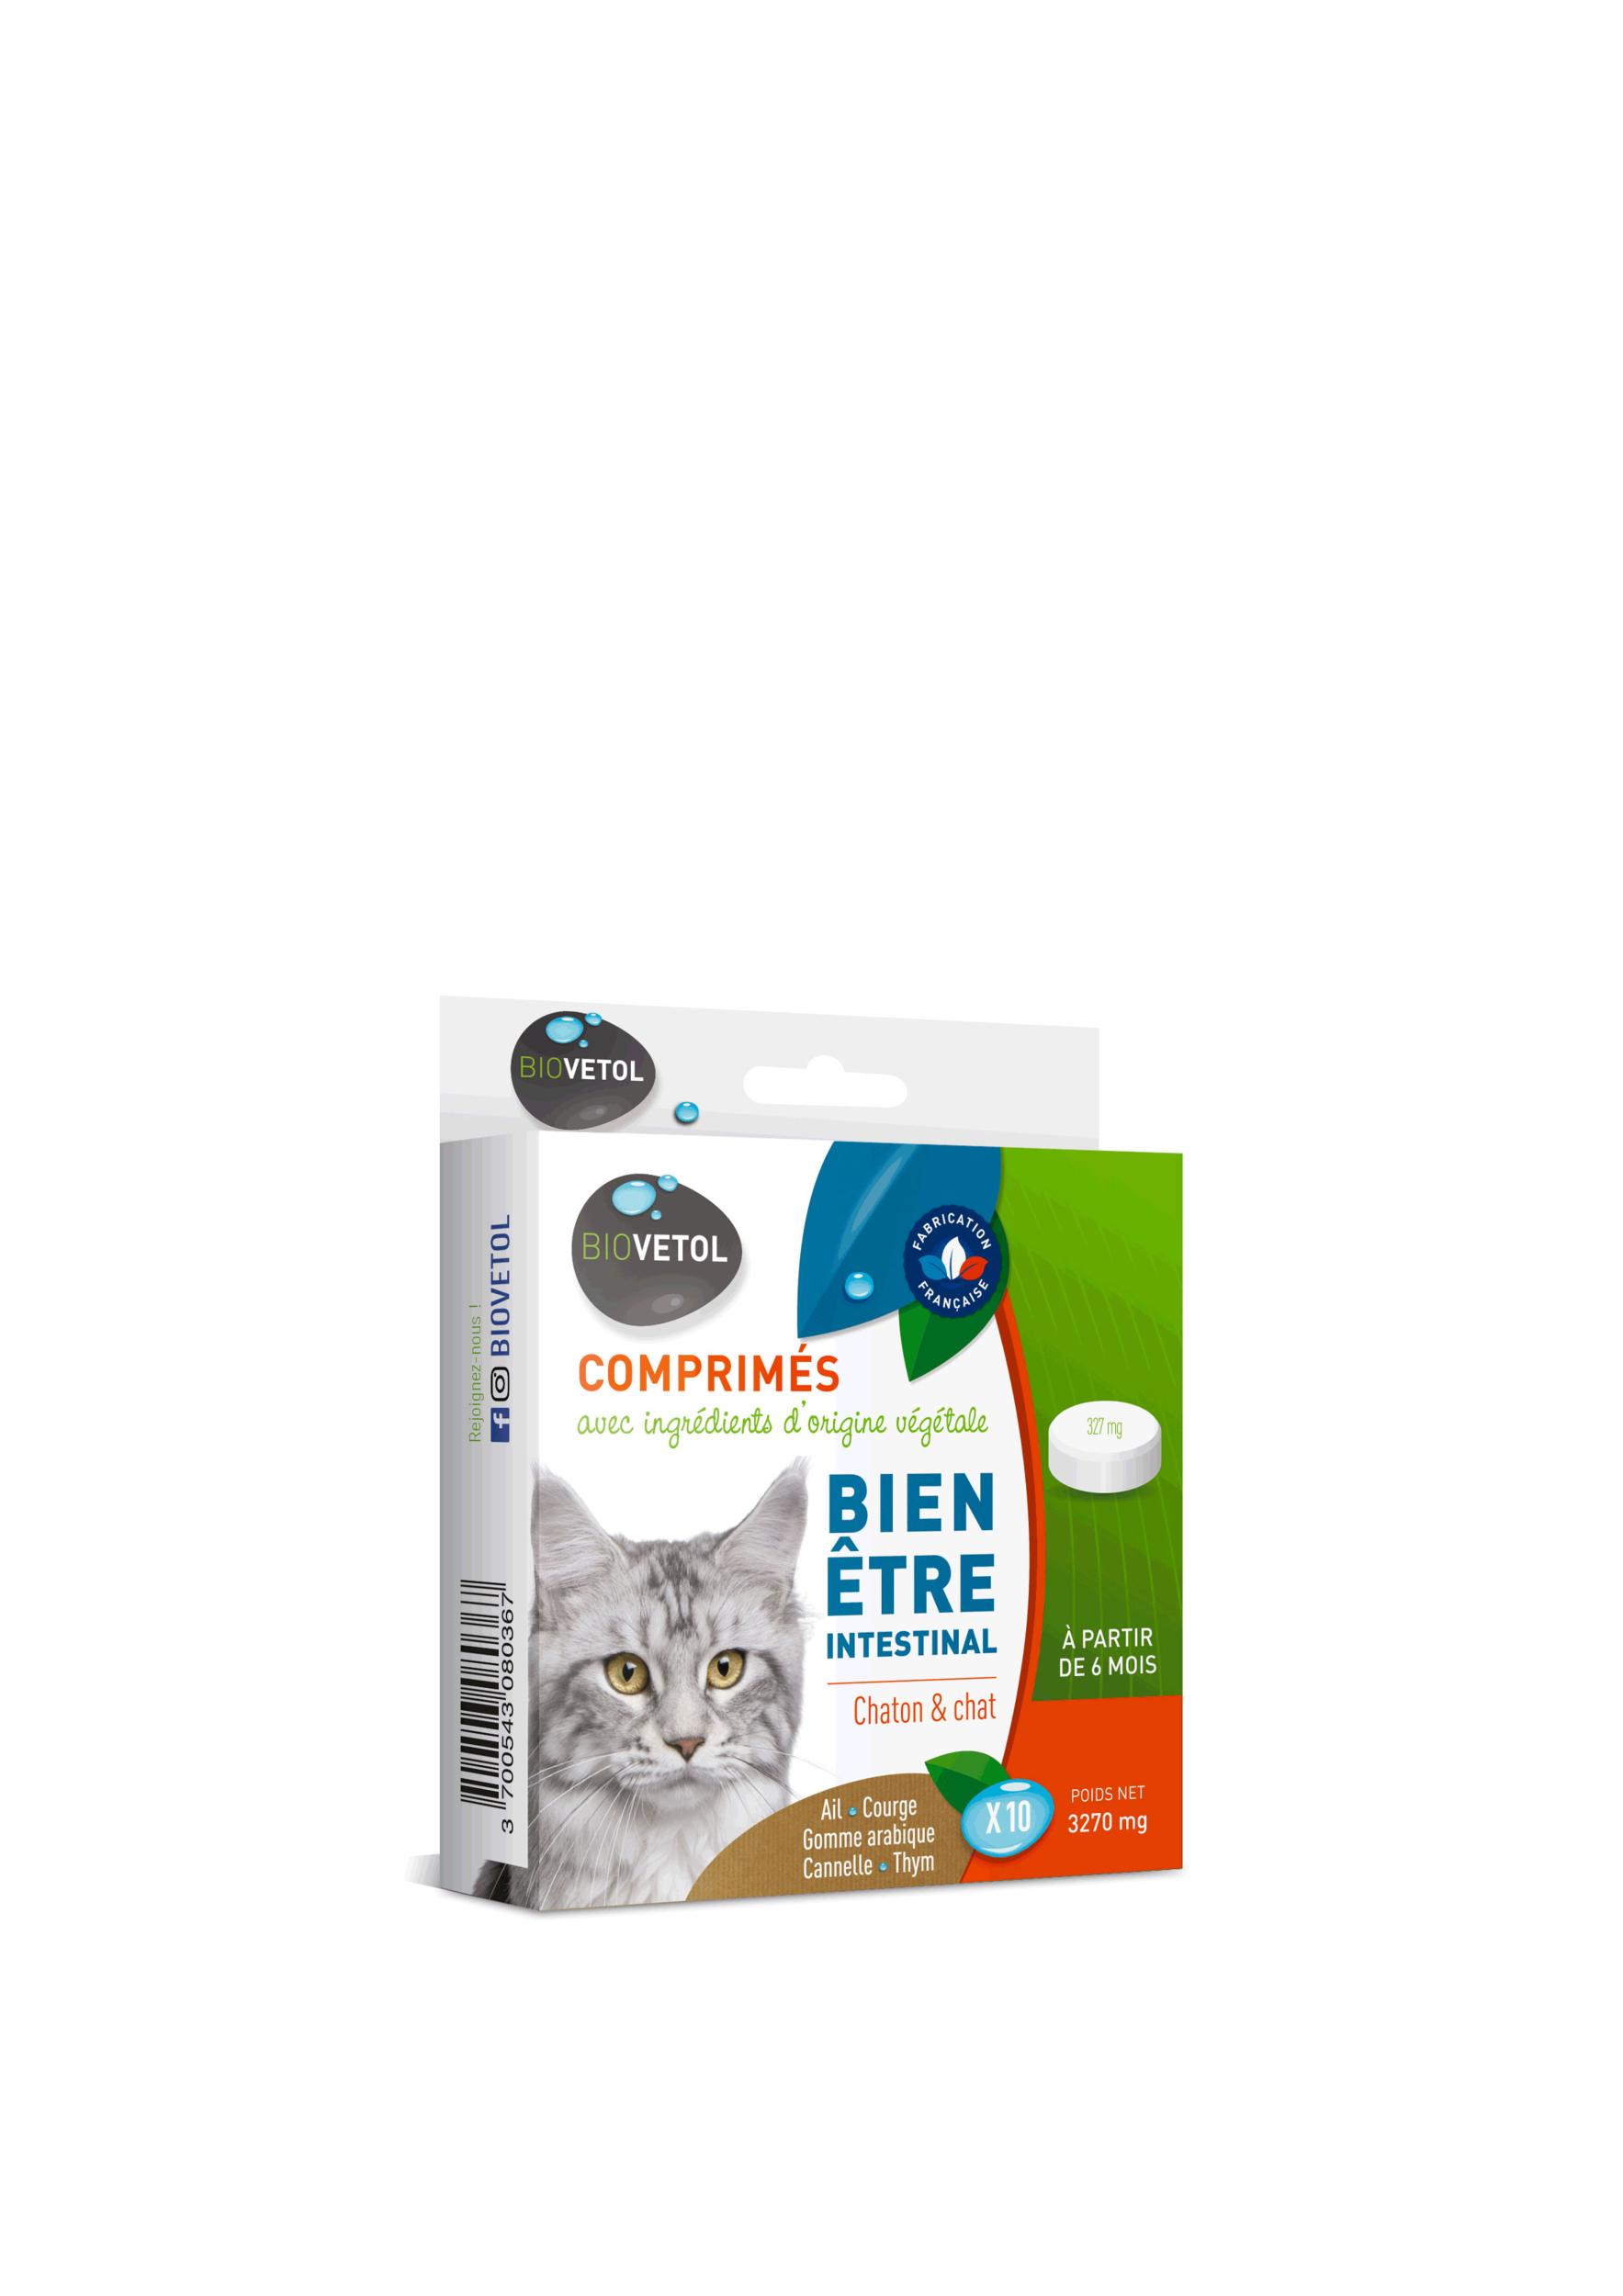 Comprimés vermifuge Bien être intestinal pour chat